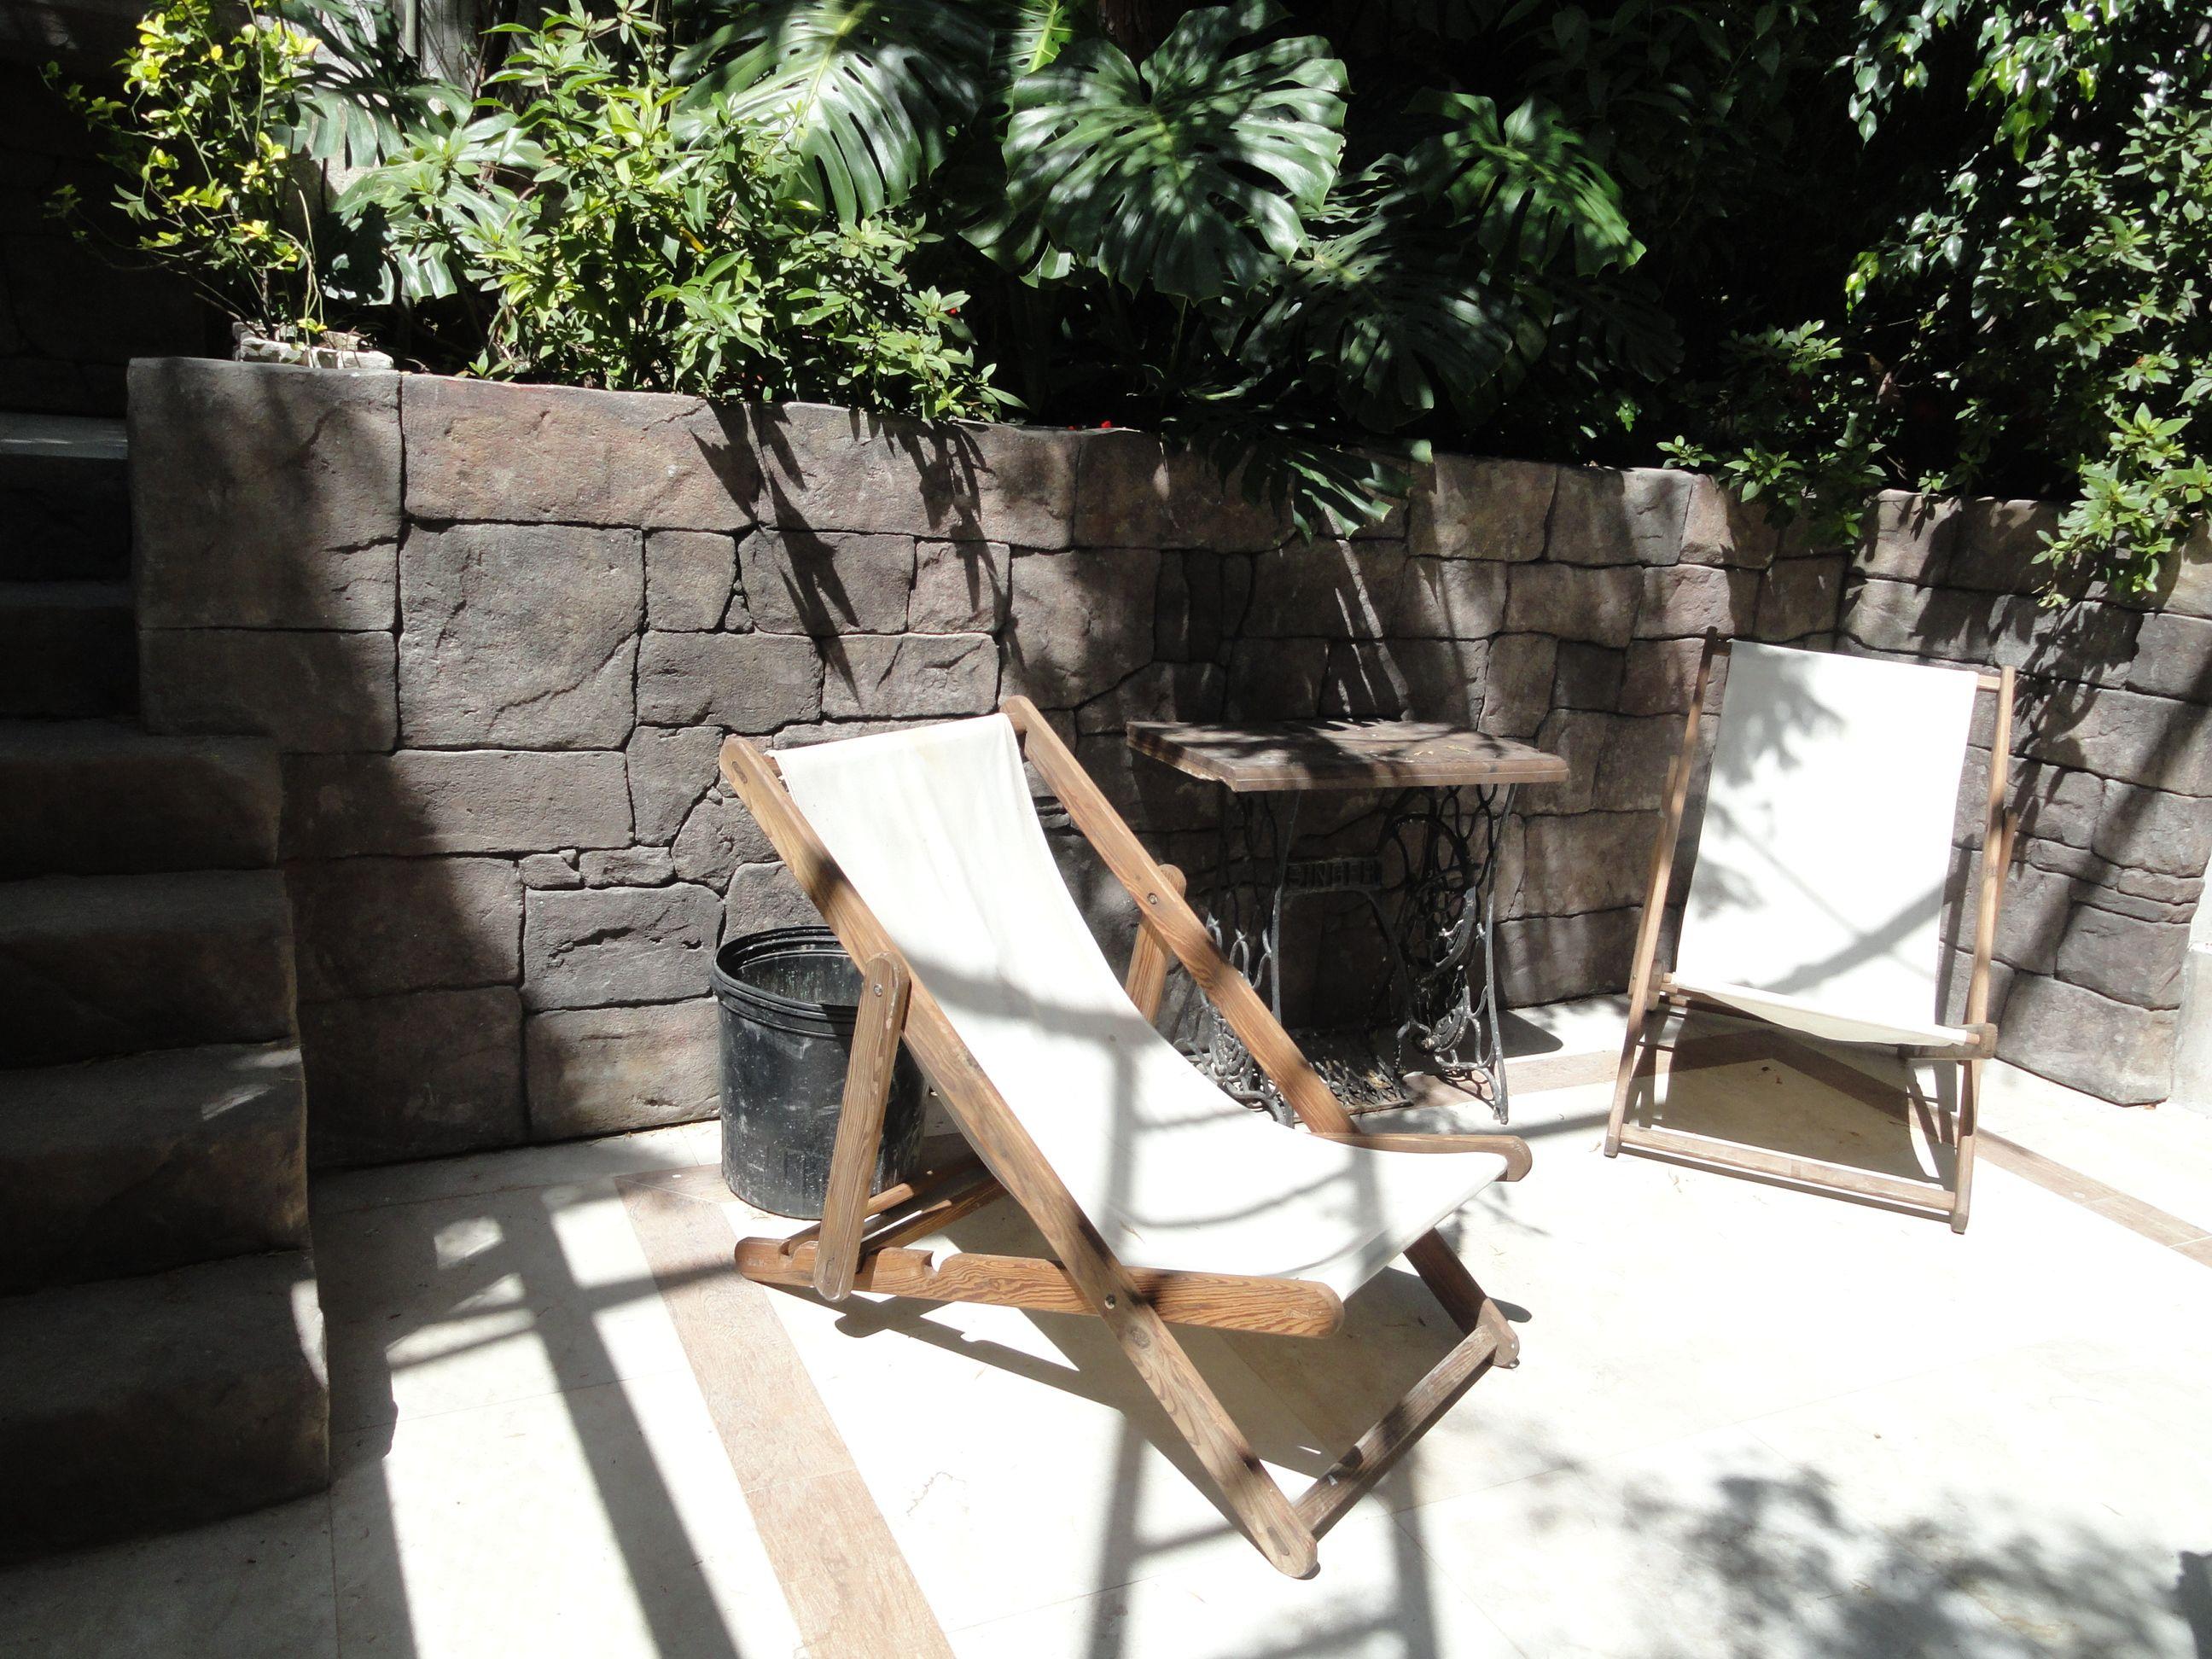 Jardineras con bambu amazing muebles separador de - Jardineras con bambu ...